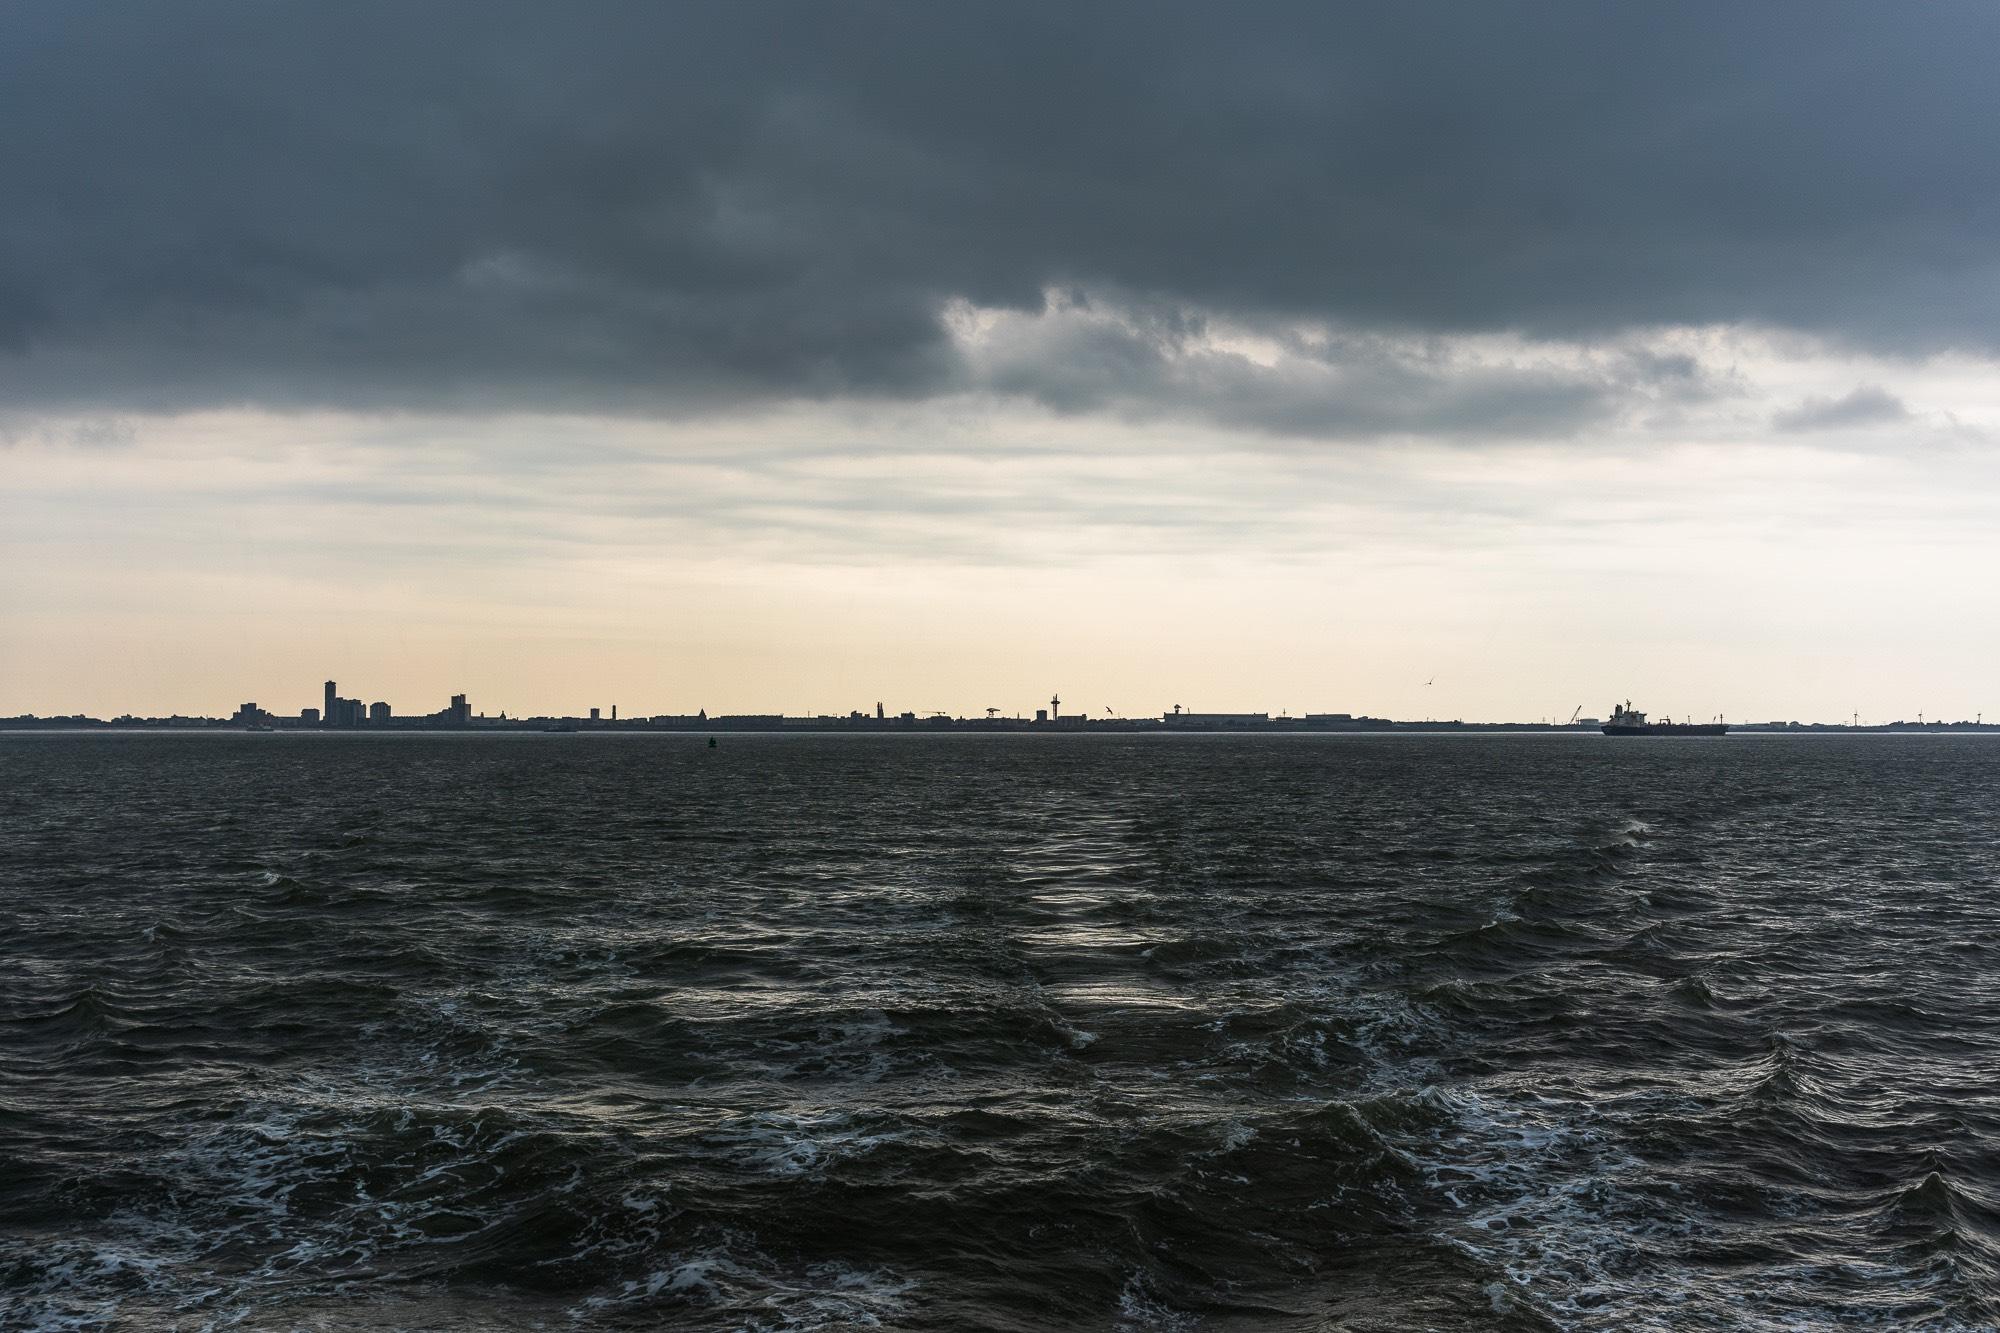 Onweerachtig weer vanuit de ferry